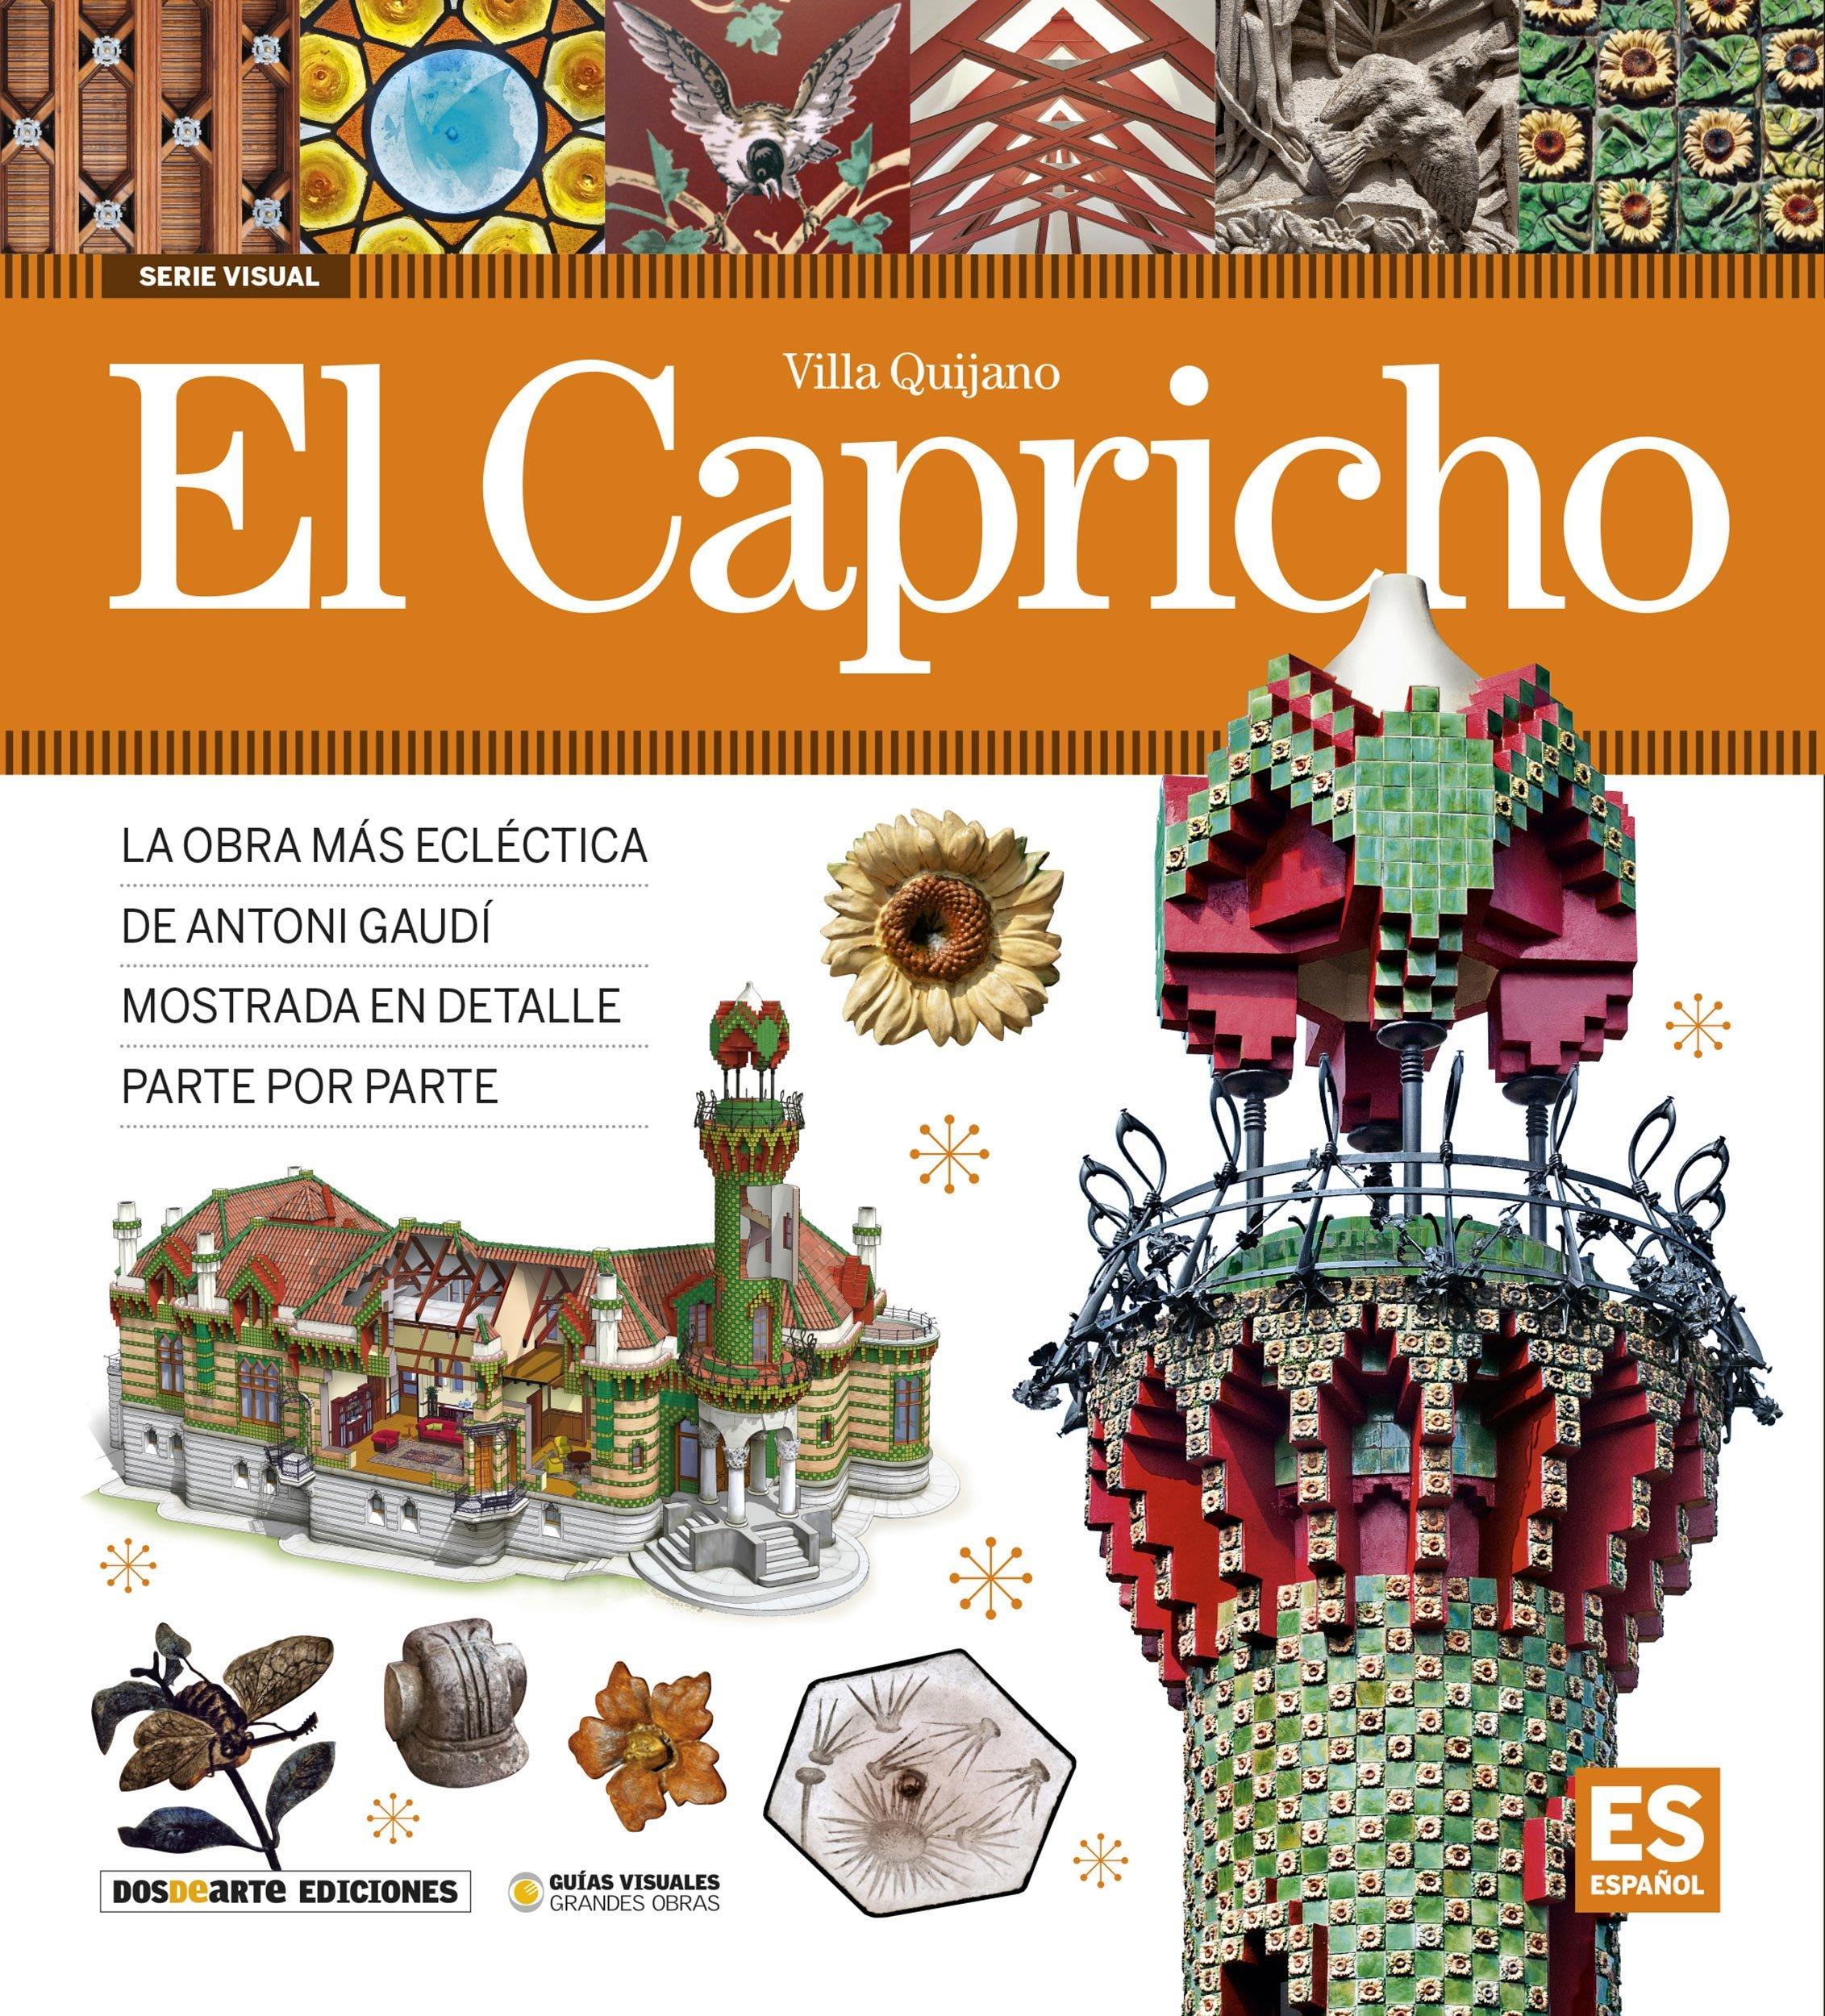 El Capricho, Villa Quijano: Amazon.es: Dosde: Libros